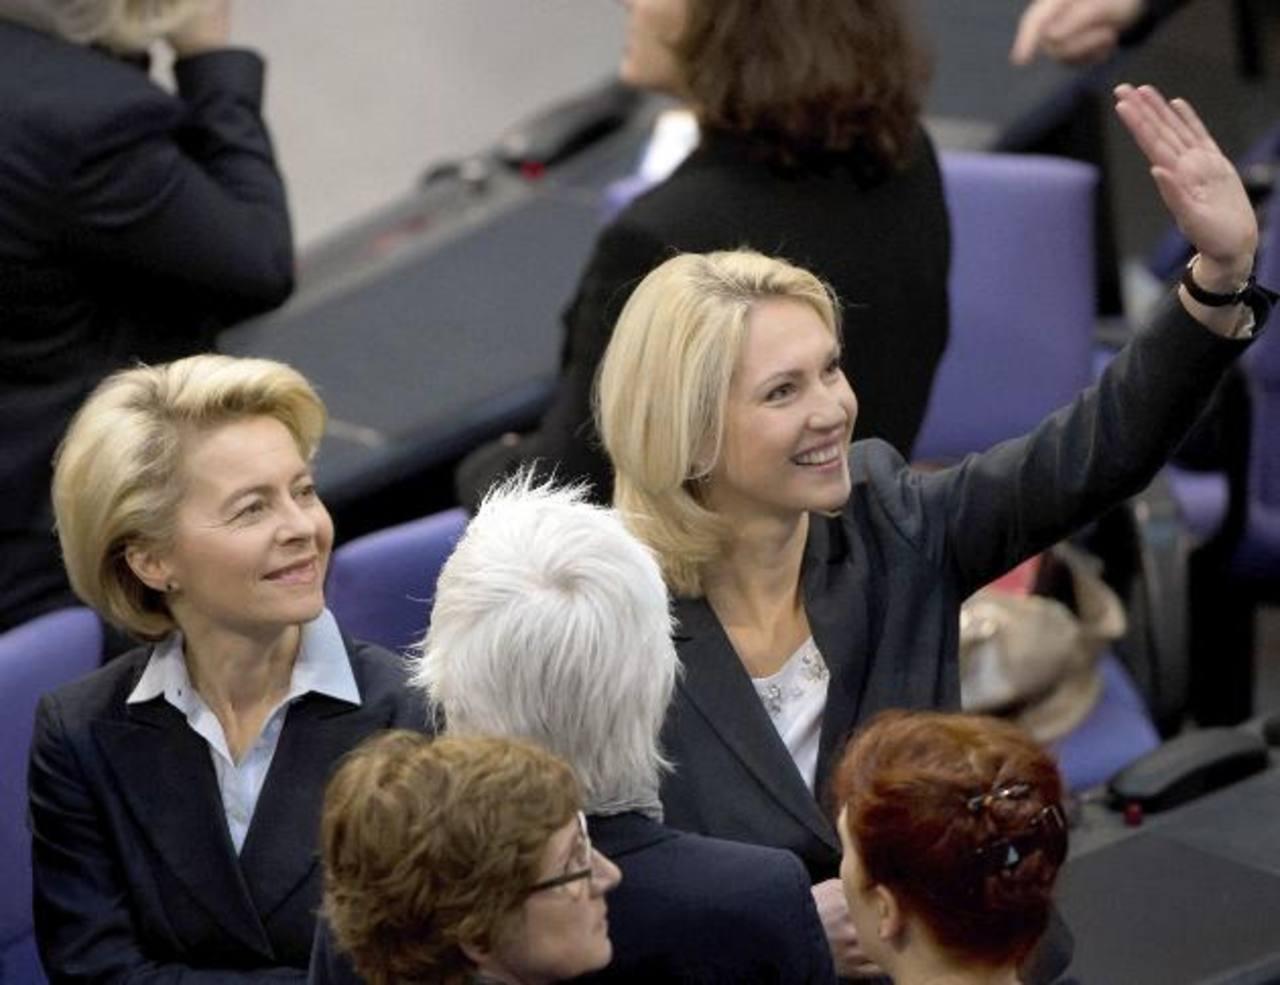 La ministra de Familia alemana, Manuela Schwesig (Dcha.), junto a la ministra de Defensa, Ursula von der Leyen (Izq), captadas en una sesión parlamentaria. _Foto de Expansión / EFE